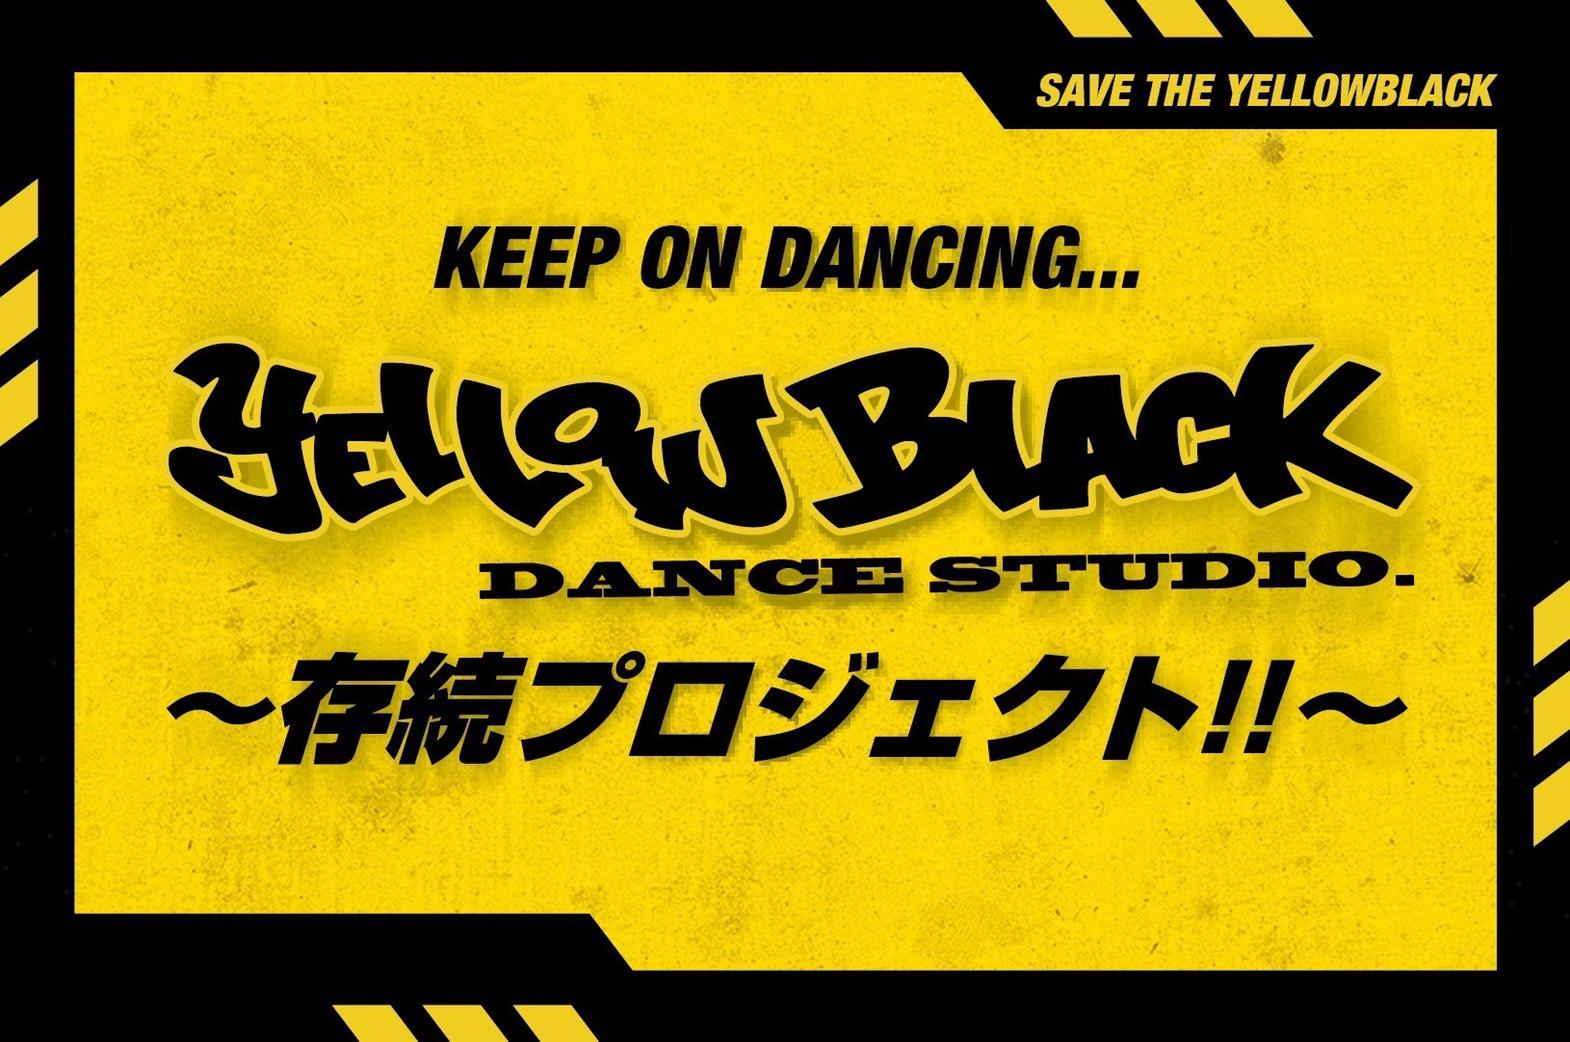 藤沢の「イエローブラックダンススタジオ」が店舗存続のためクラウドファンディングを開始